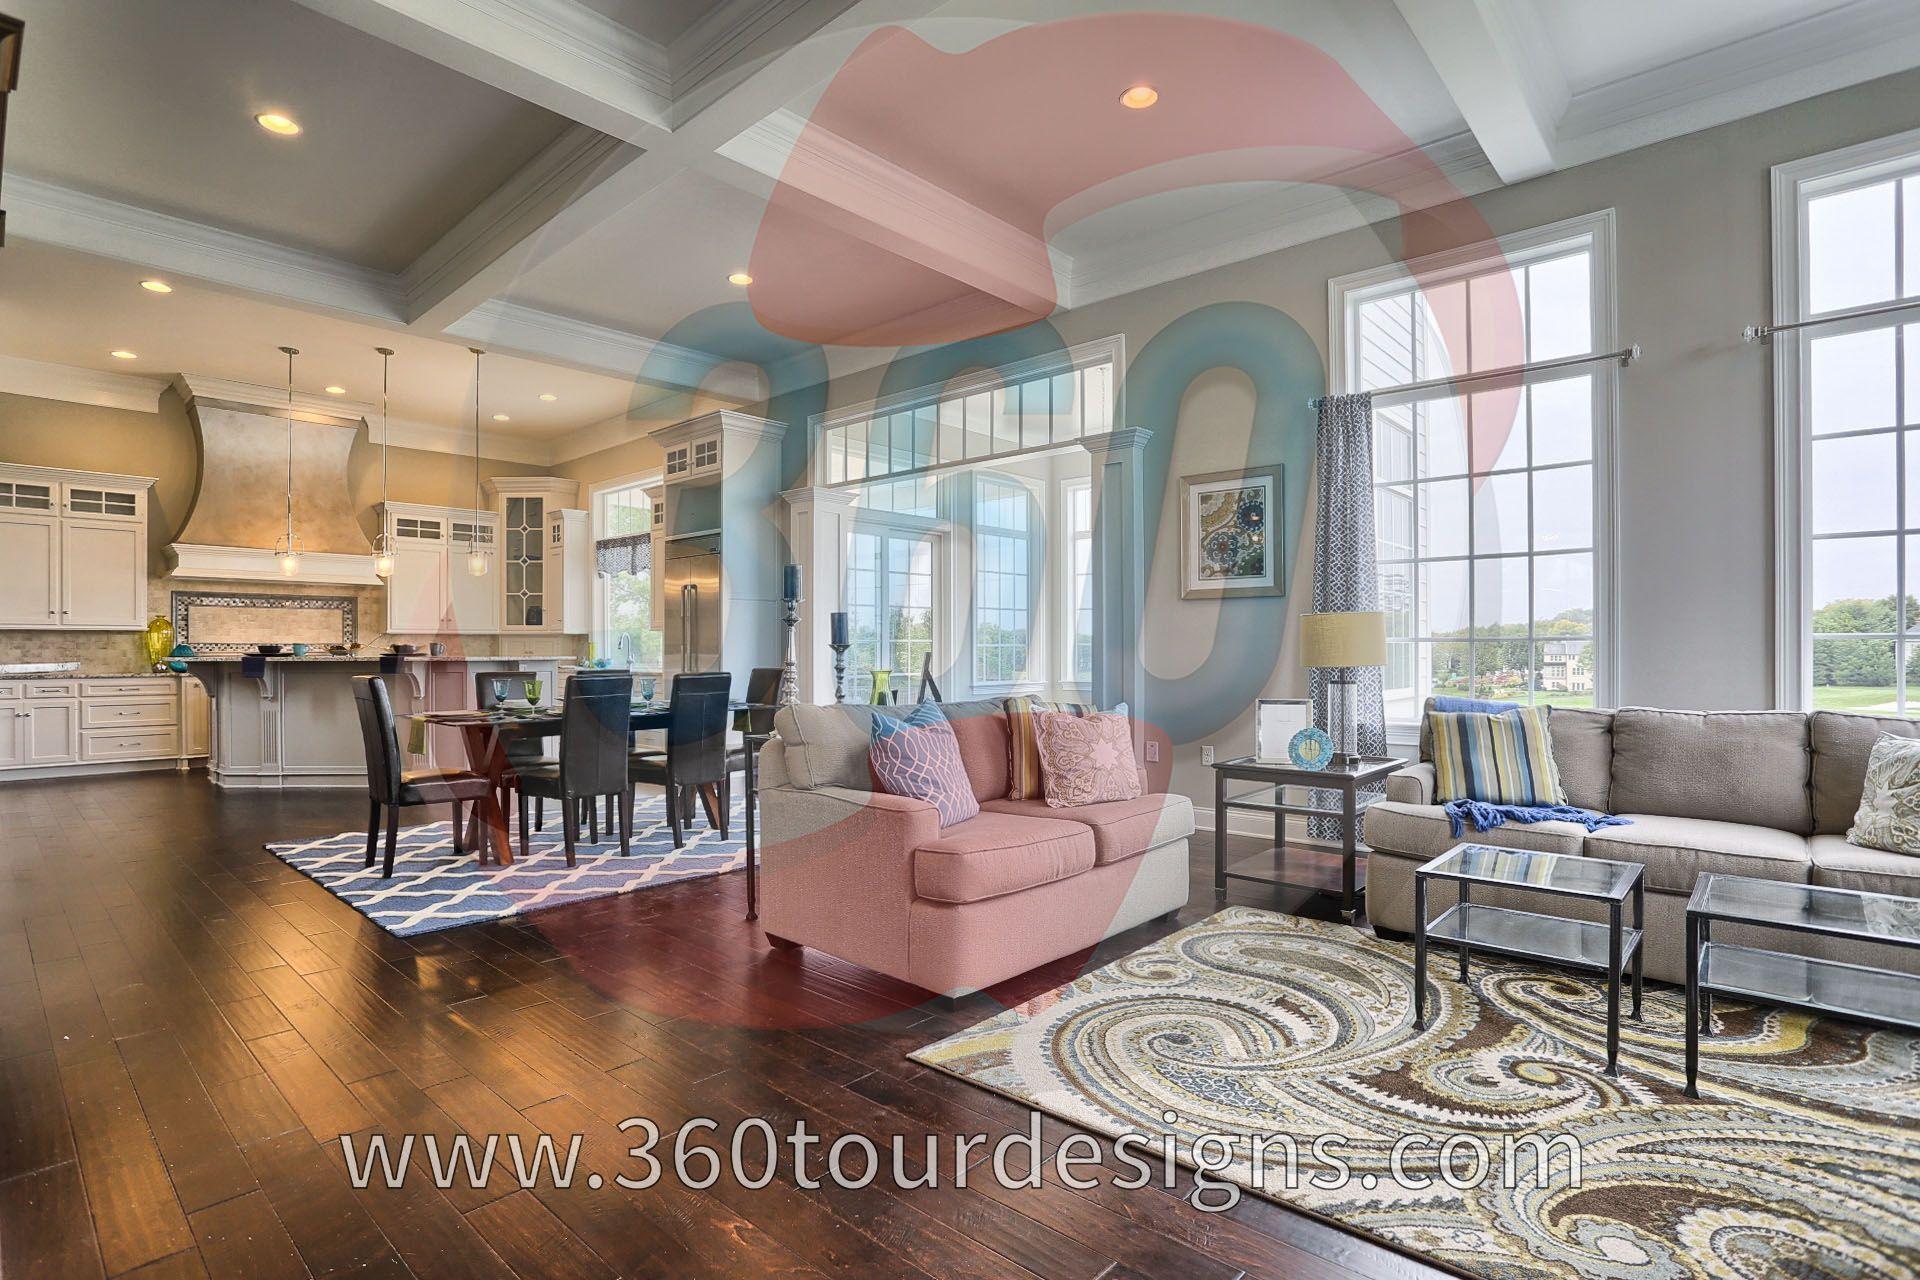 Living Room - 360 Tour Designs - www.360tourdesigns.com | Living ...